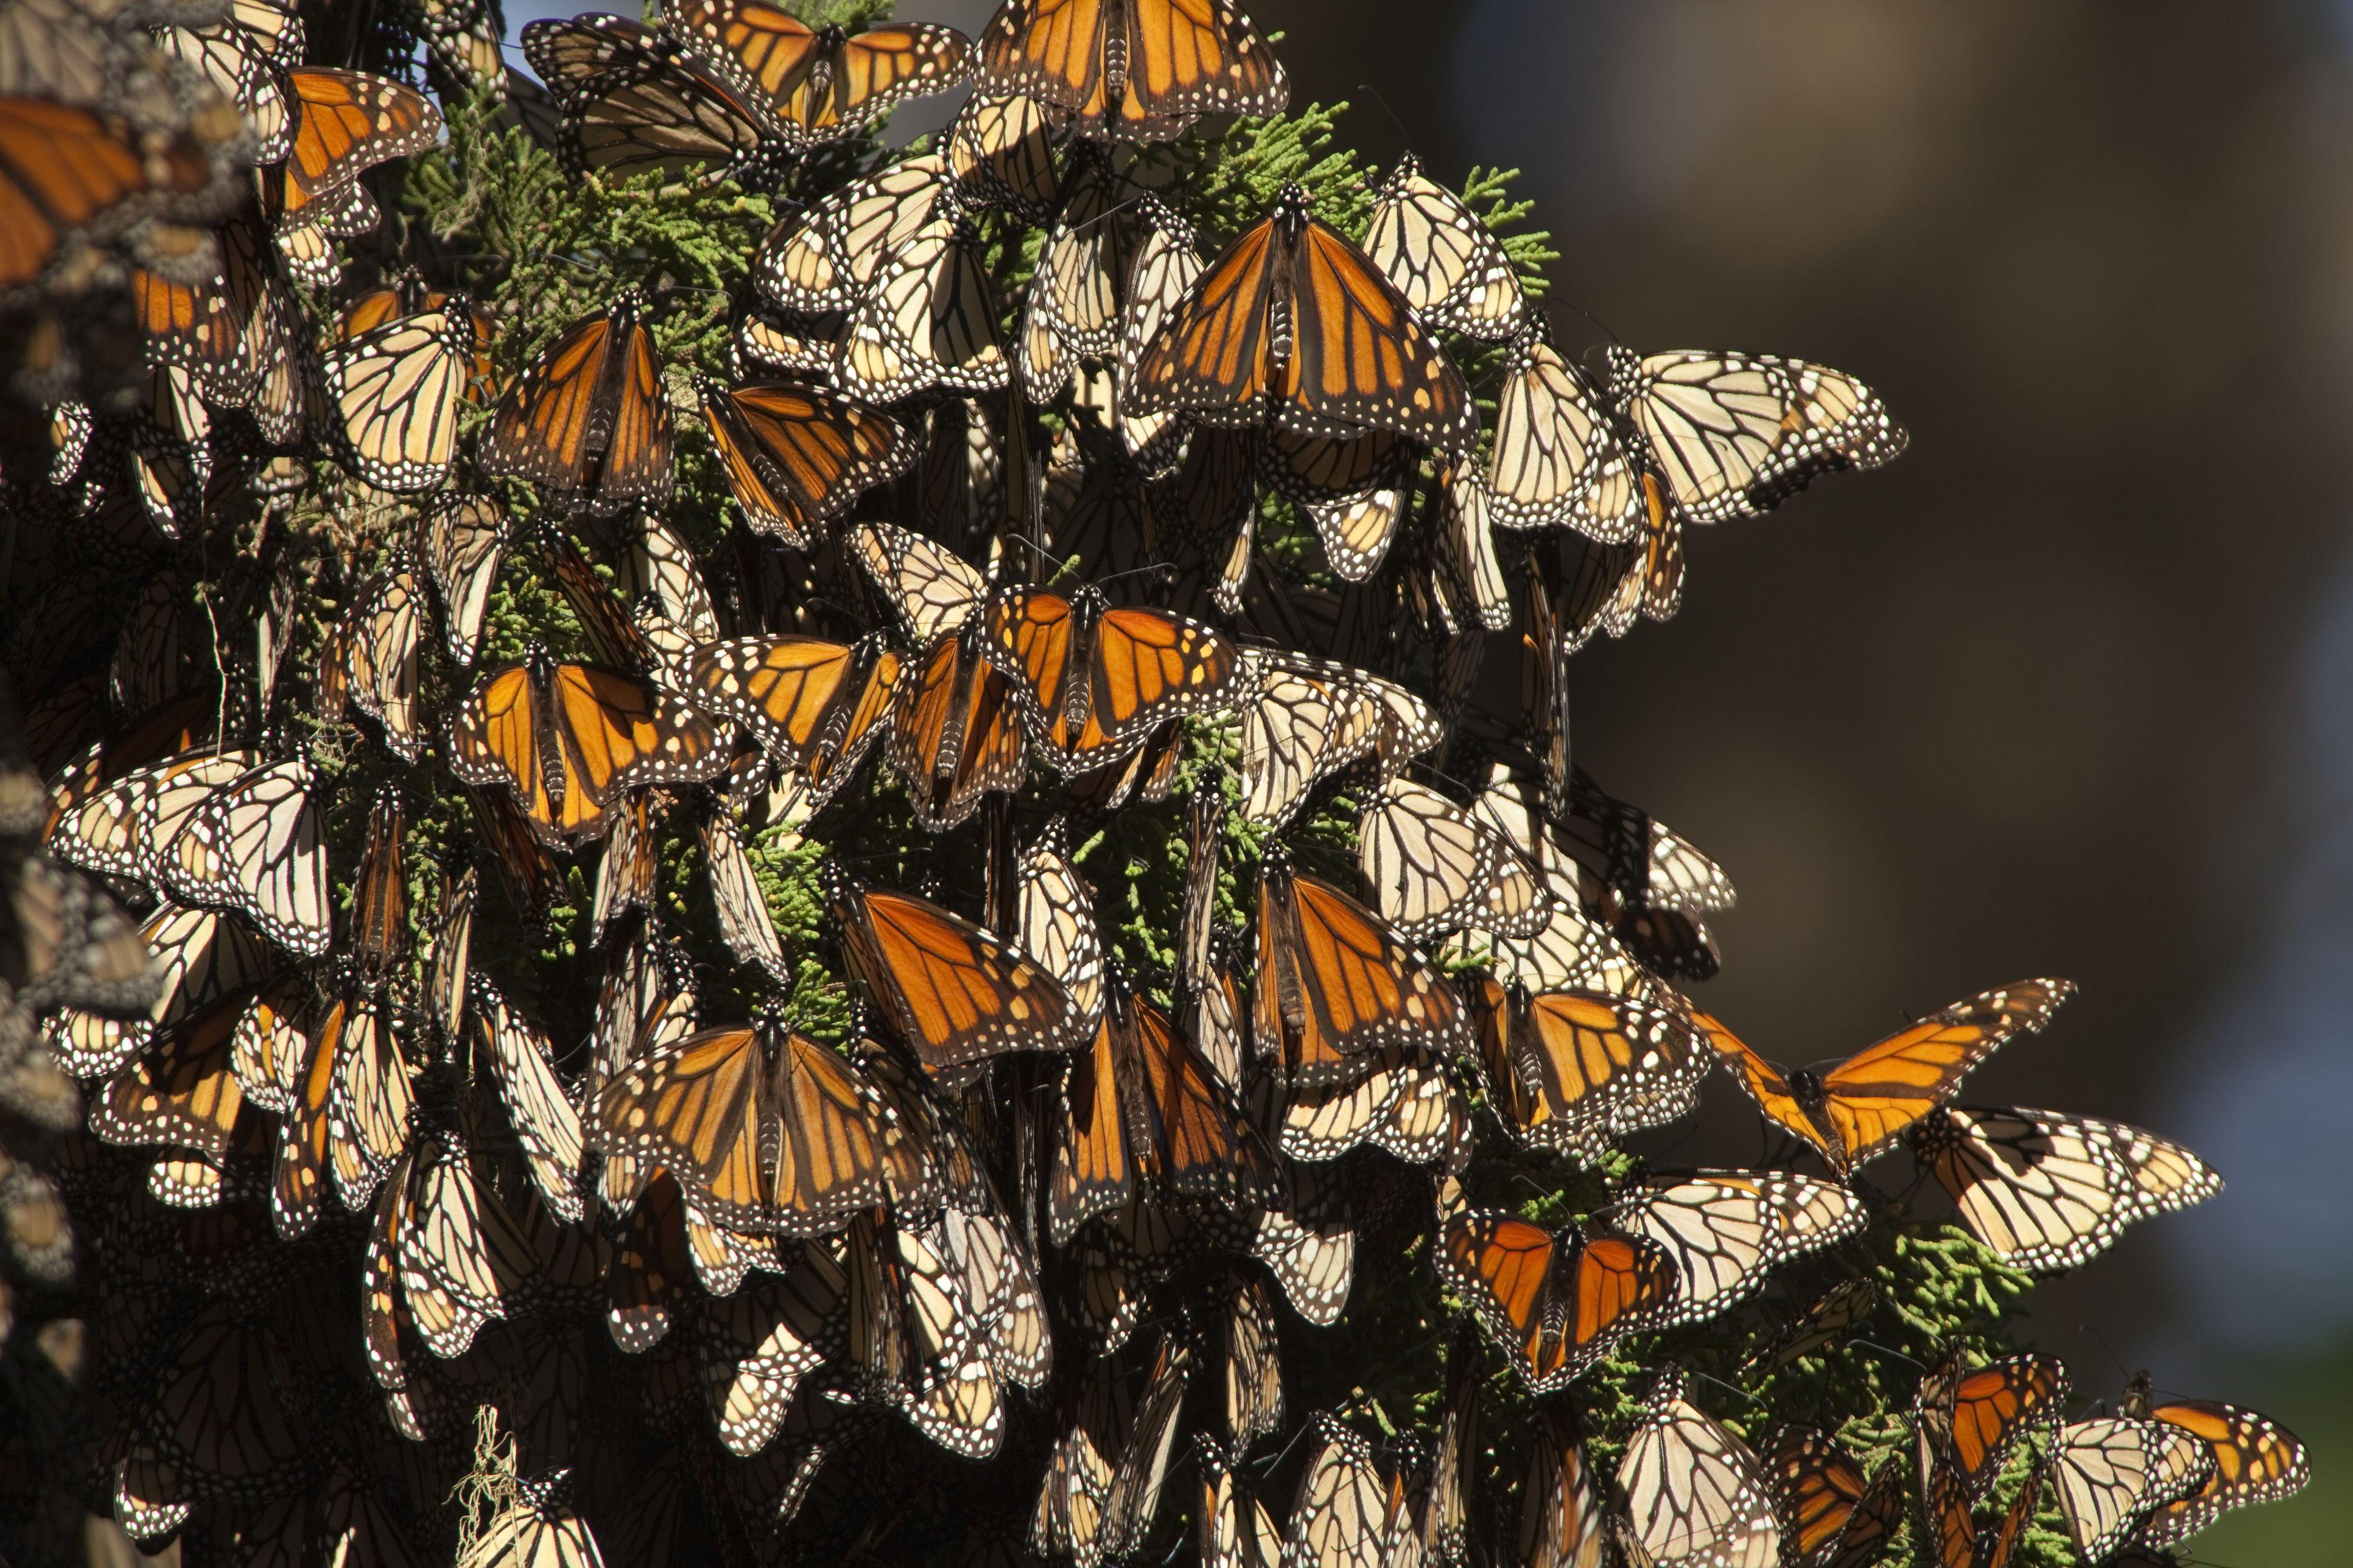 Migrating monarch butterflies in Monterey Bay, California